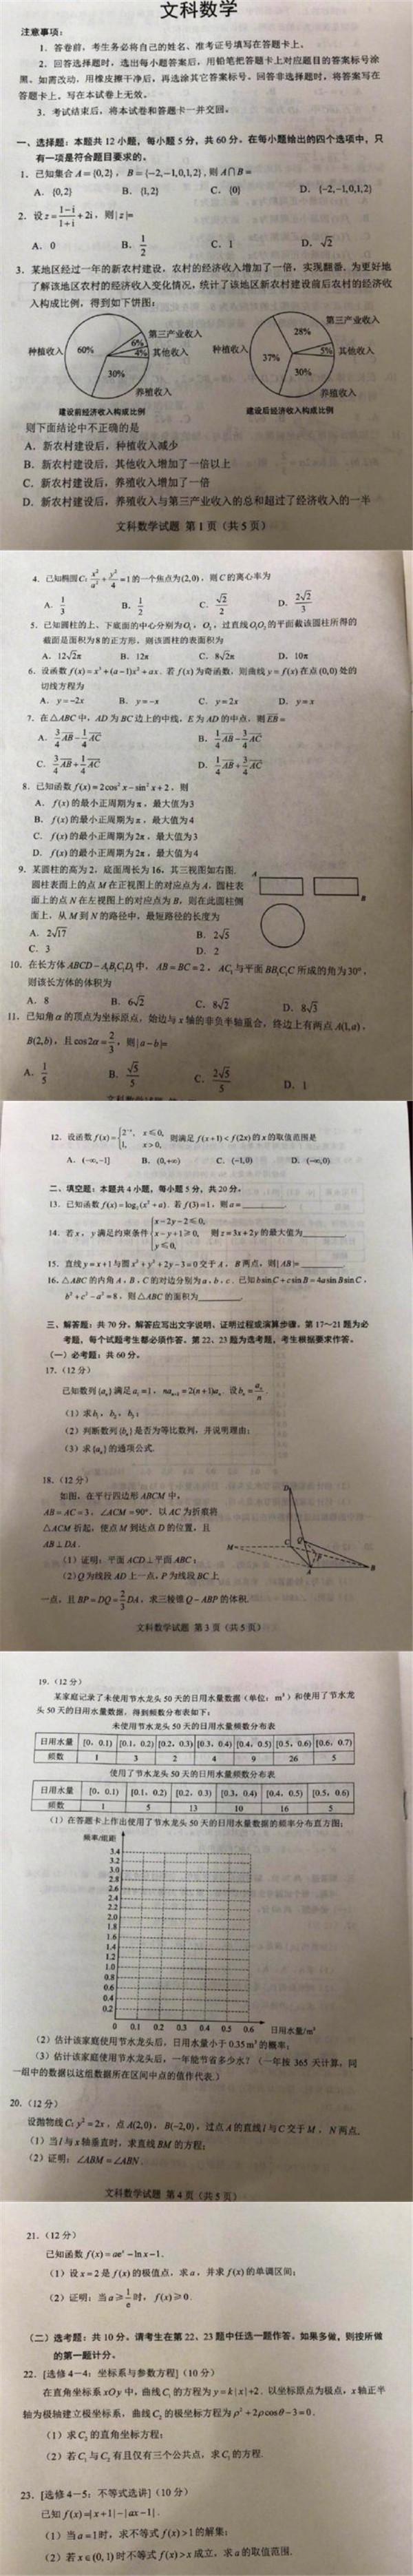 2018广东高考文科数学试题【图片版】